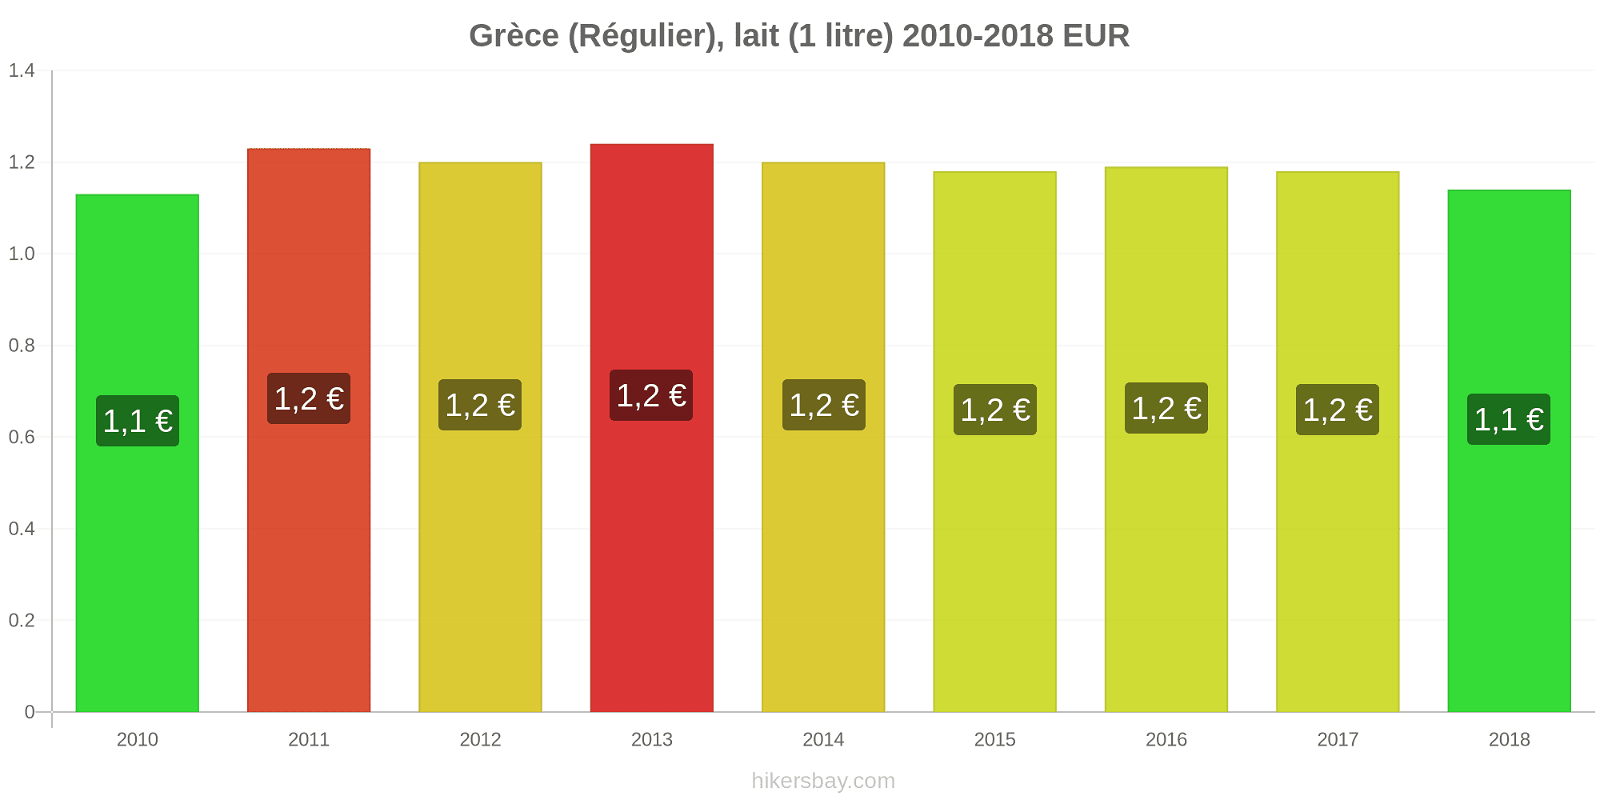 Grèce changements de prix (Régulier), lait (1 litre) hikersbay.com